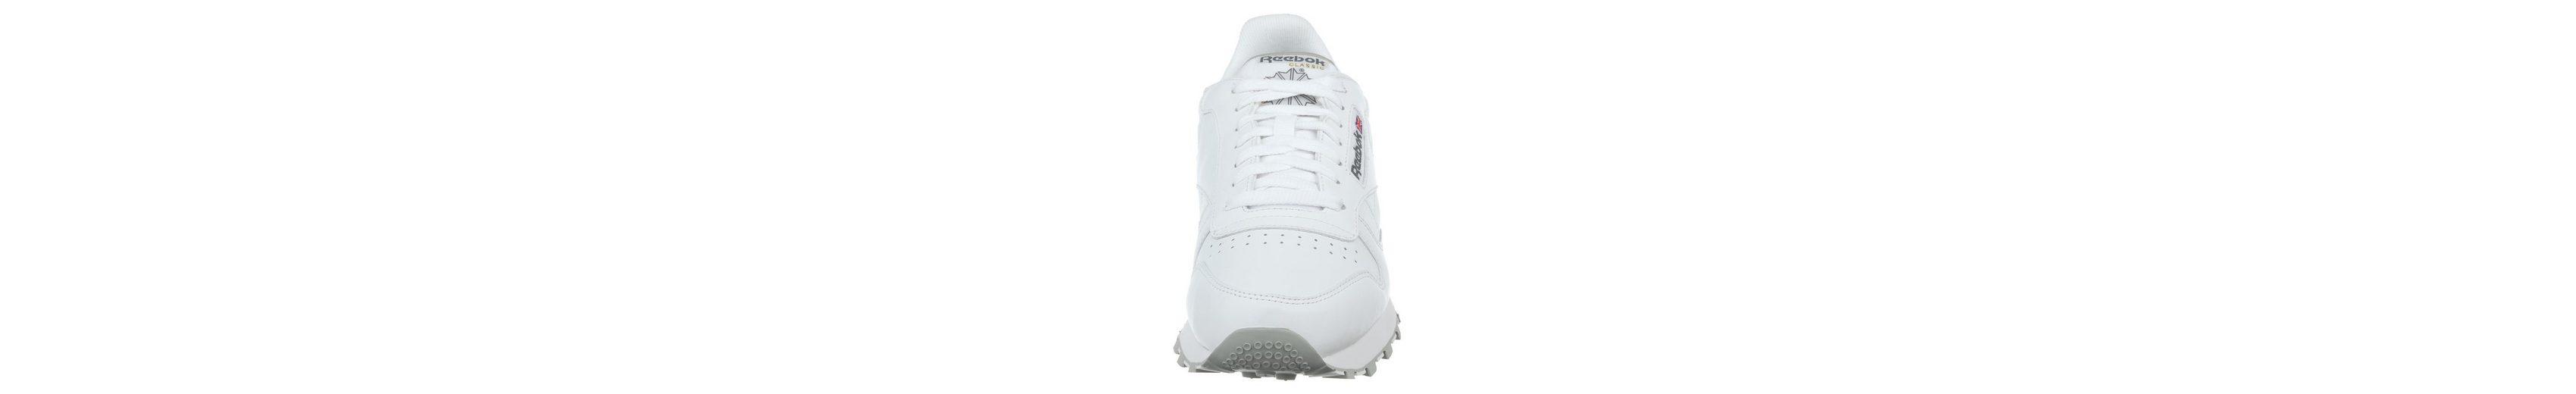 Reebok Classic Classic Leather M Sneaker Suche Nach Online Spielraum Beliebt Rabatt Angebote Genießen bD2m0Ky